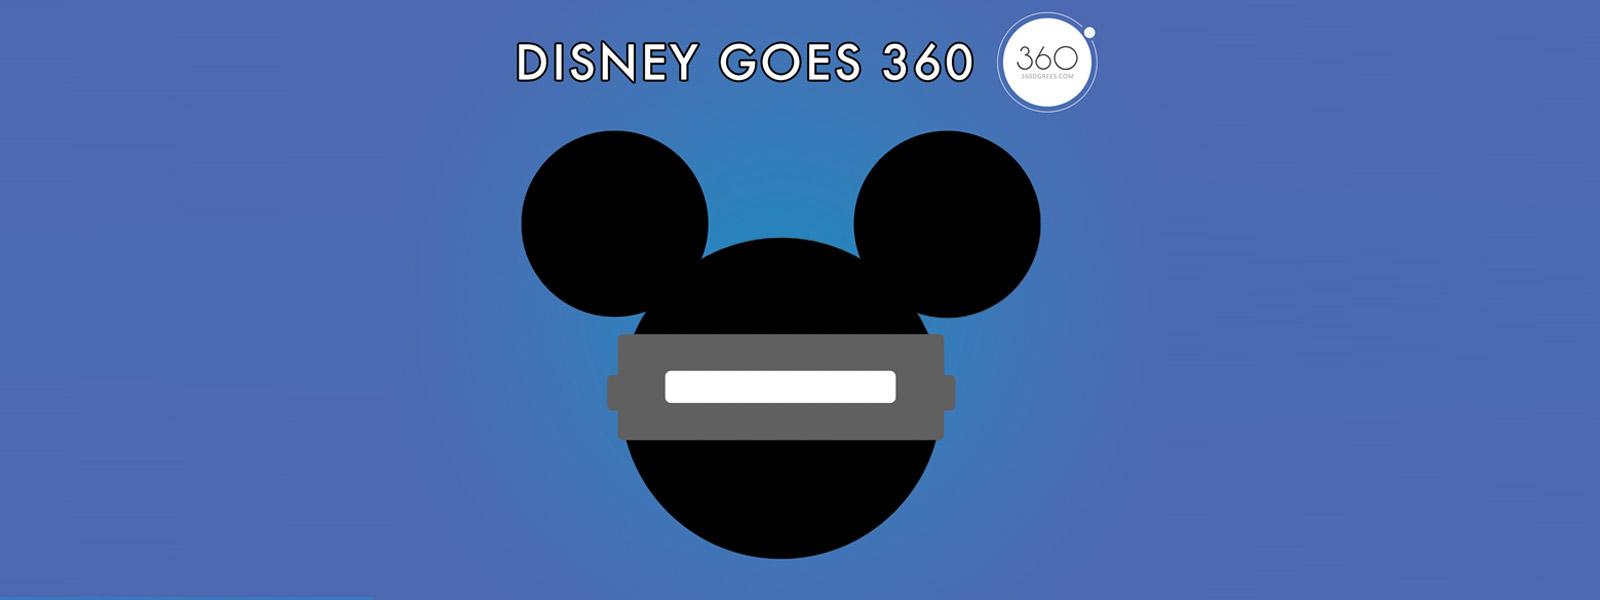 Disney goes 360